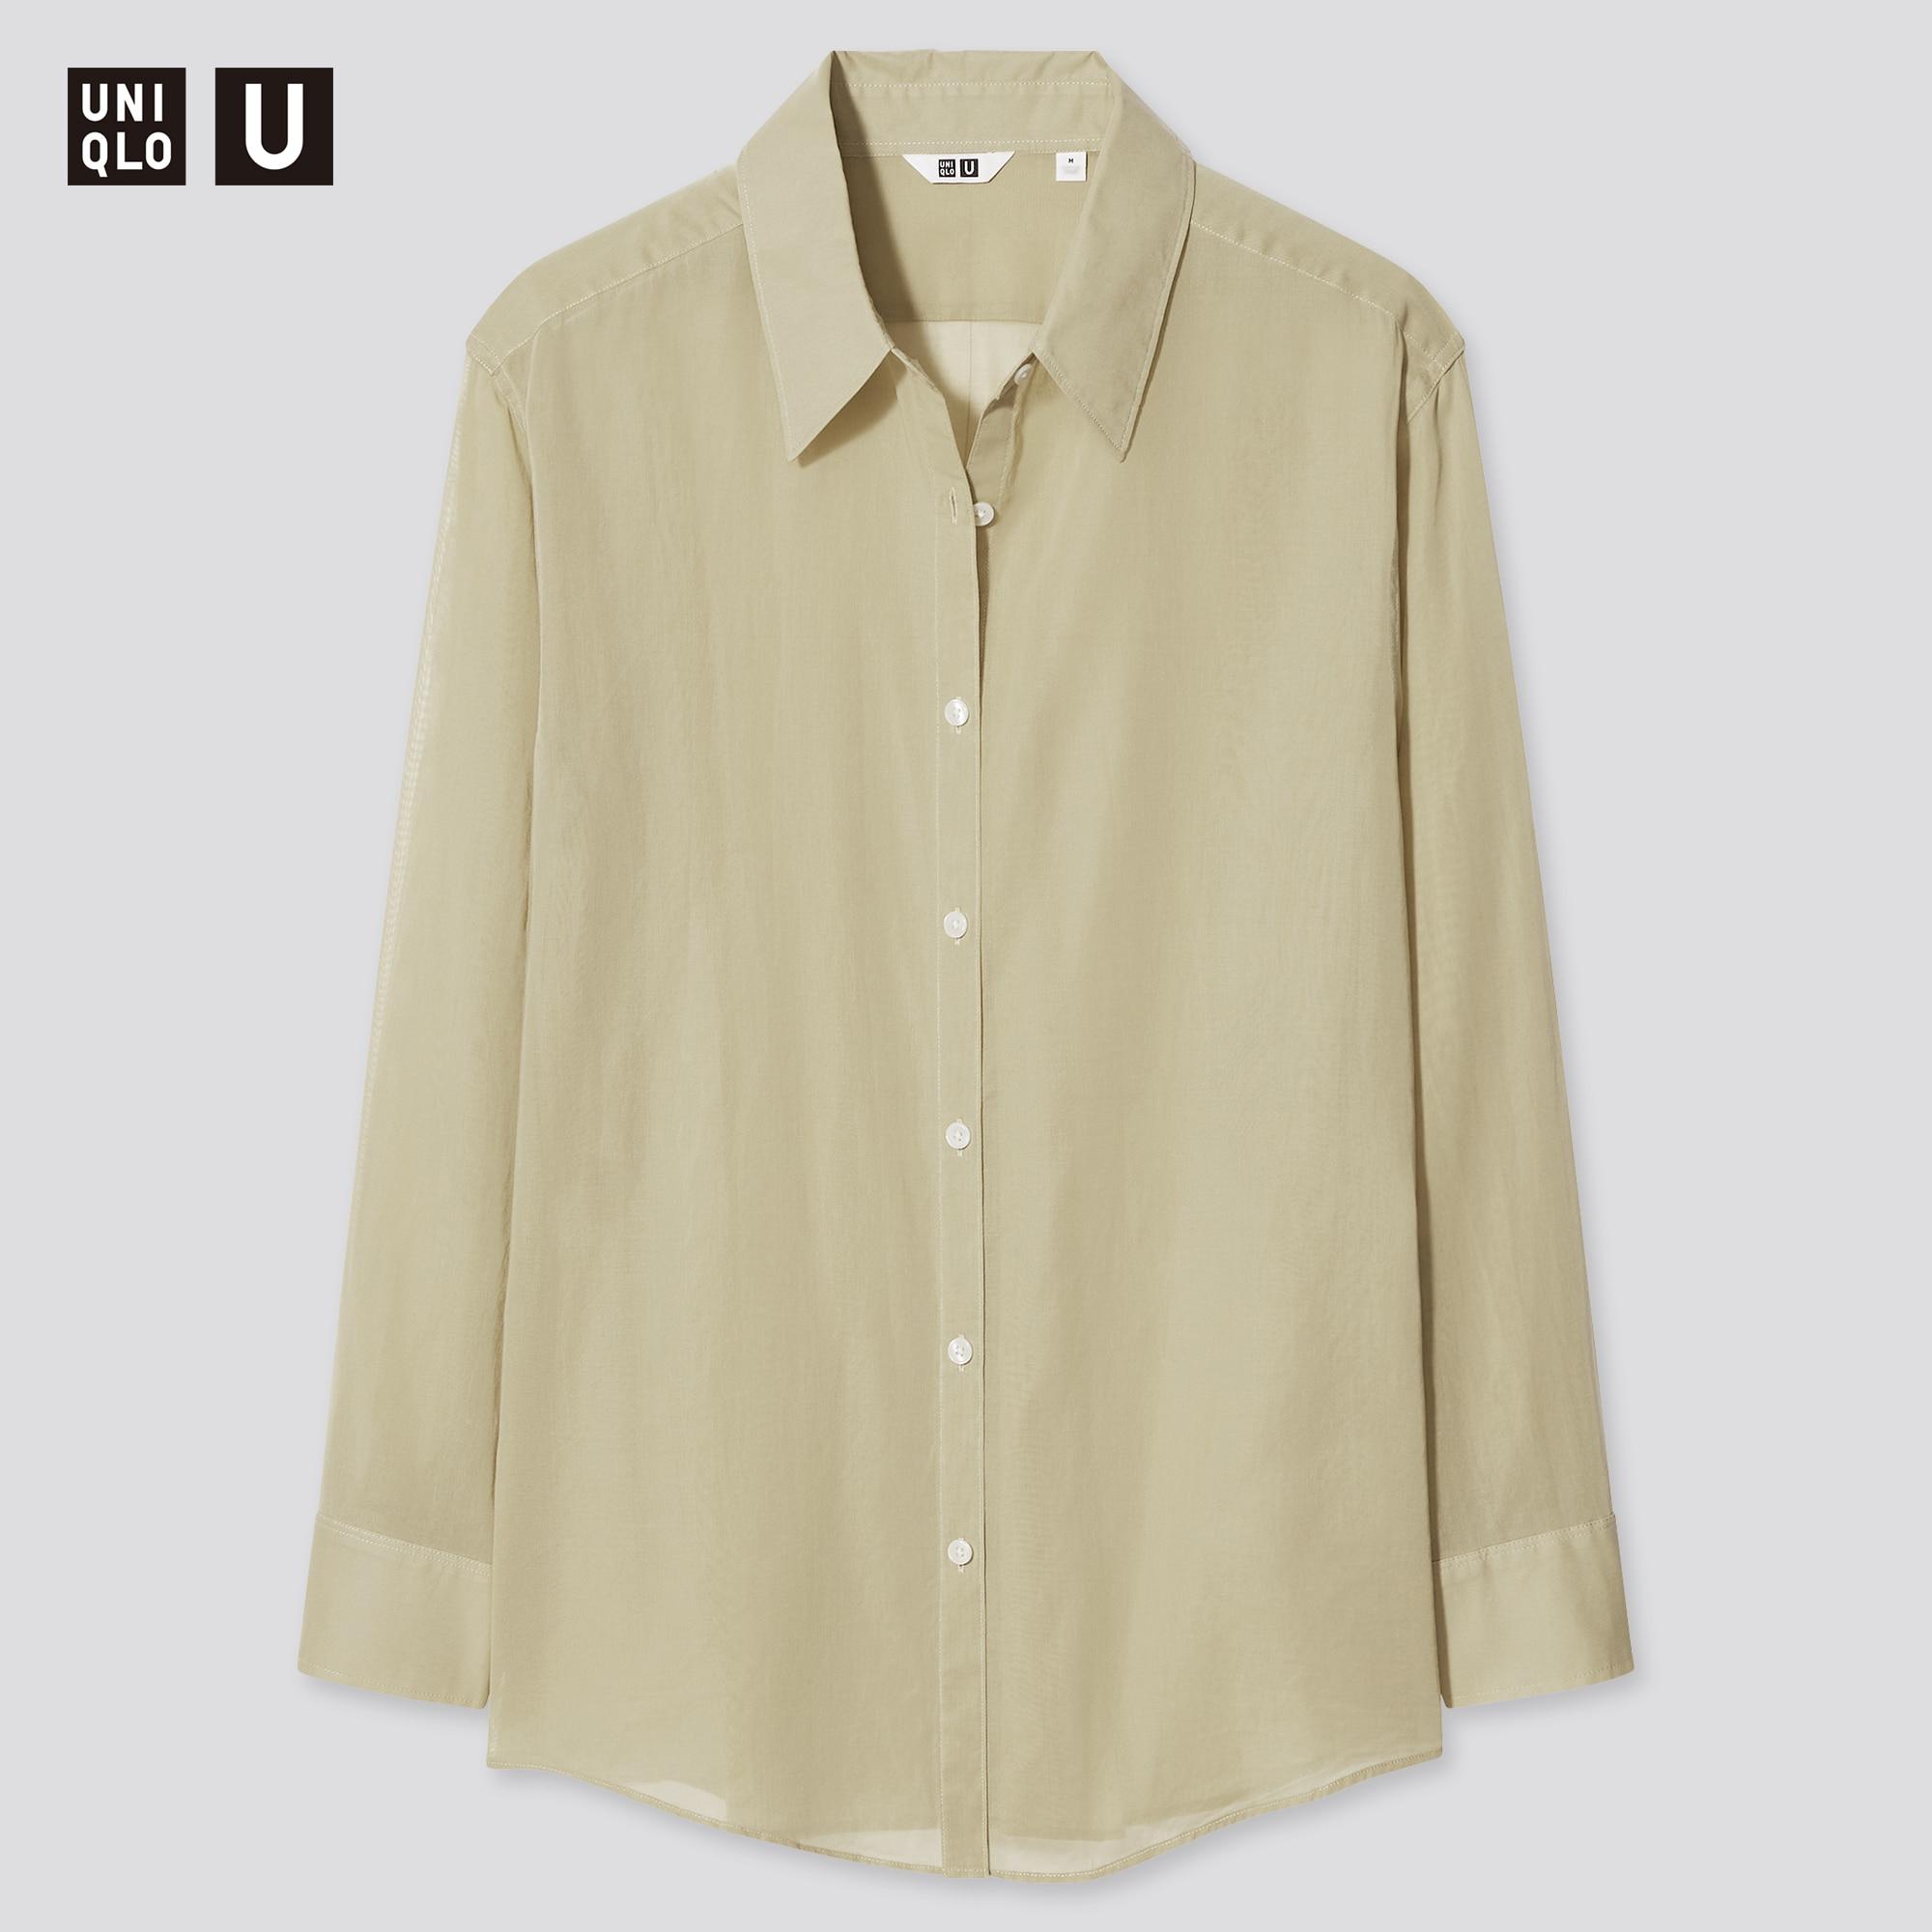 シアーシャツ(長袖)